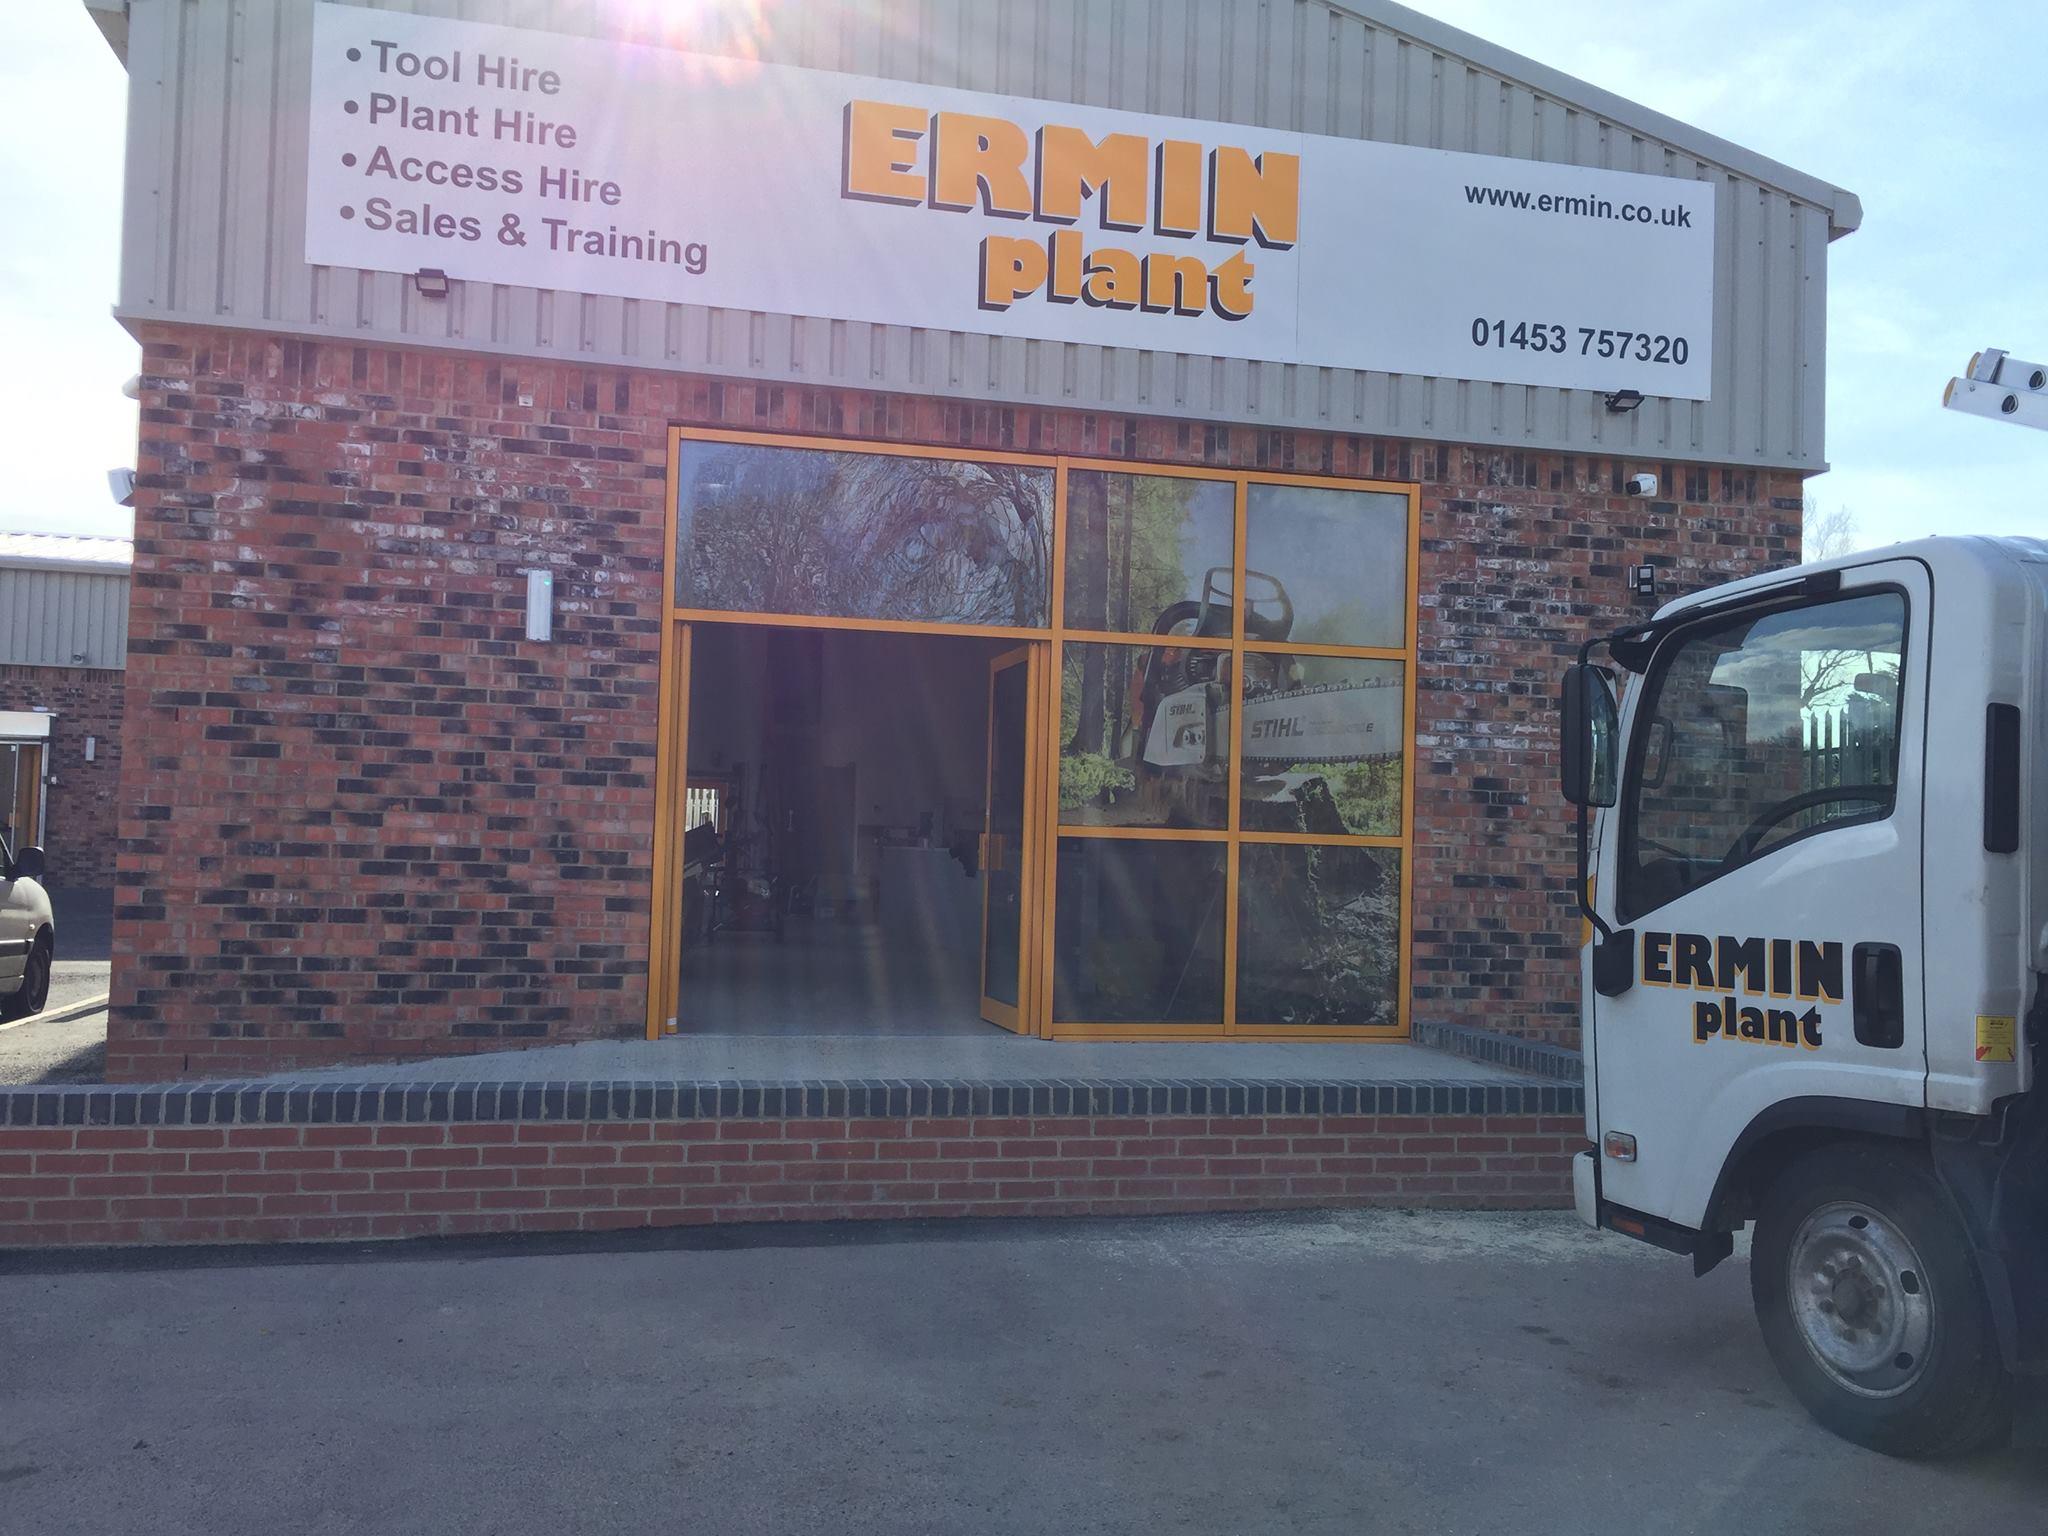 Ermin Plant Stroud exterior